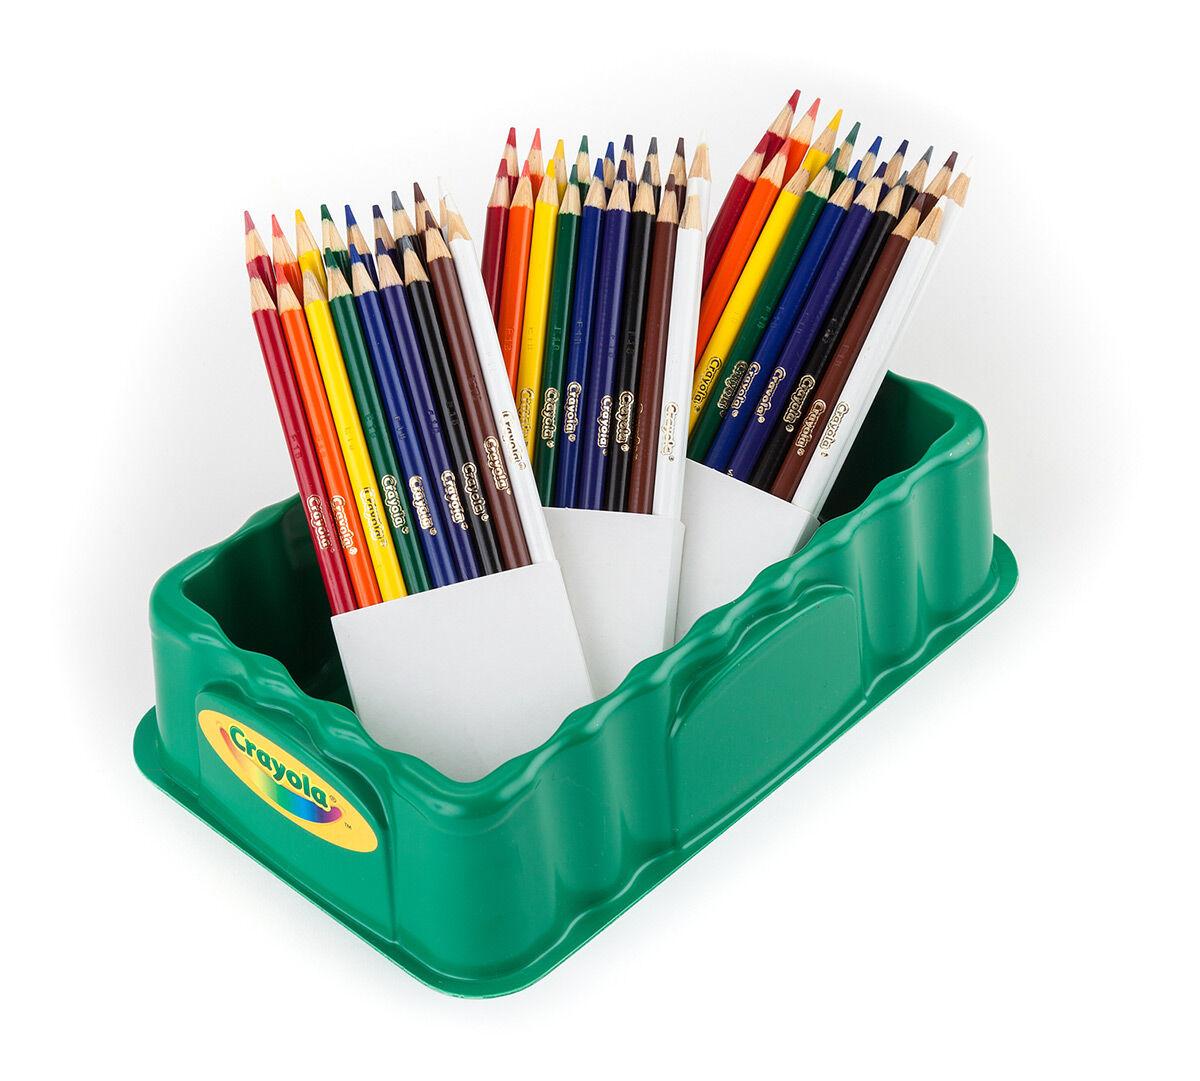 Crayola 54 Count Trayola Colored Pencils 9 Colors Crayola